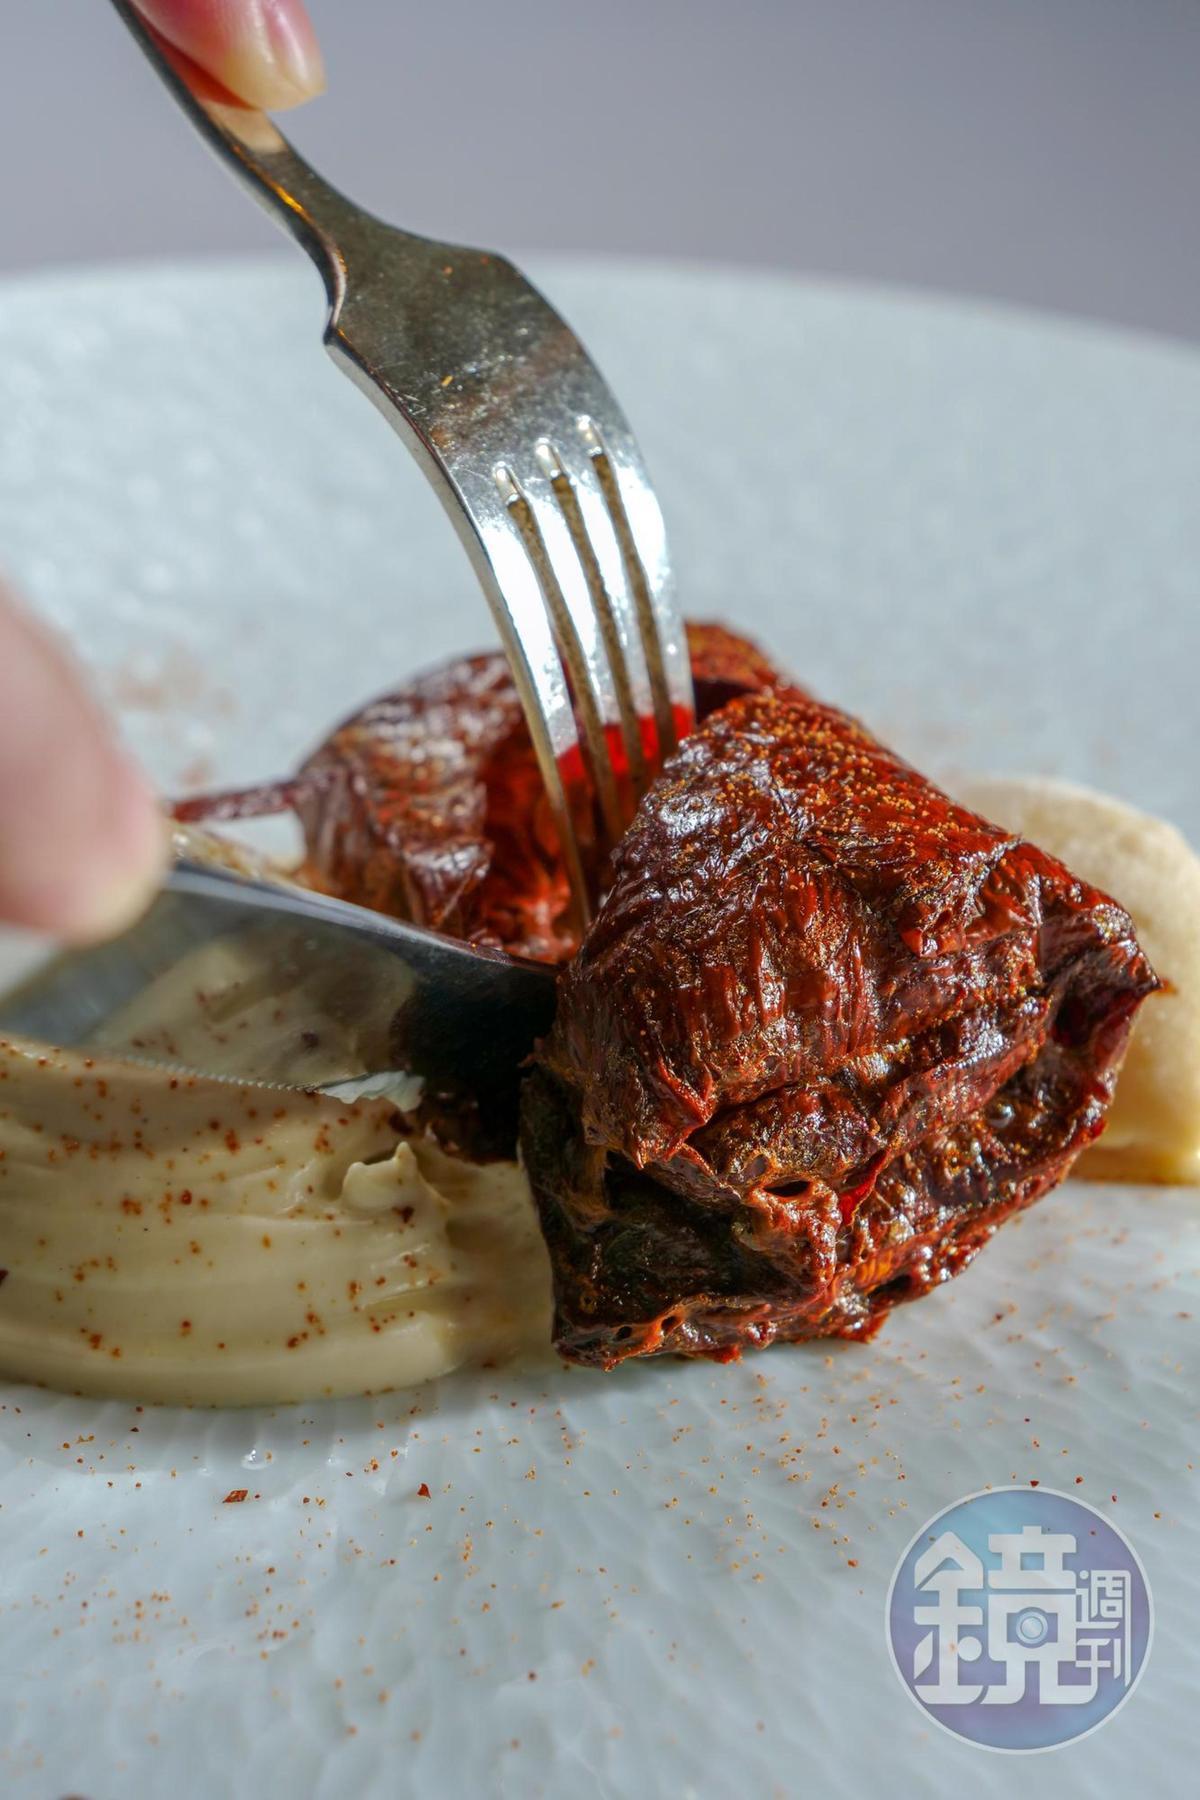 「豆腐千層酥」選用深坑豆皮,多次反覆折疊烘烤,焦香味突出。